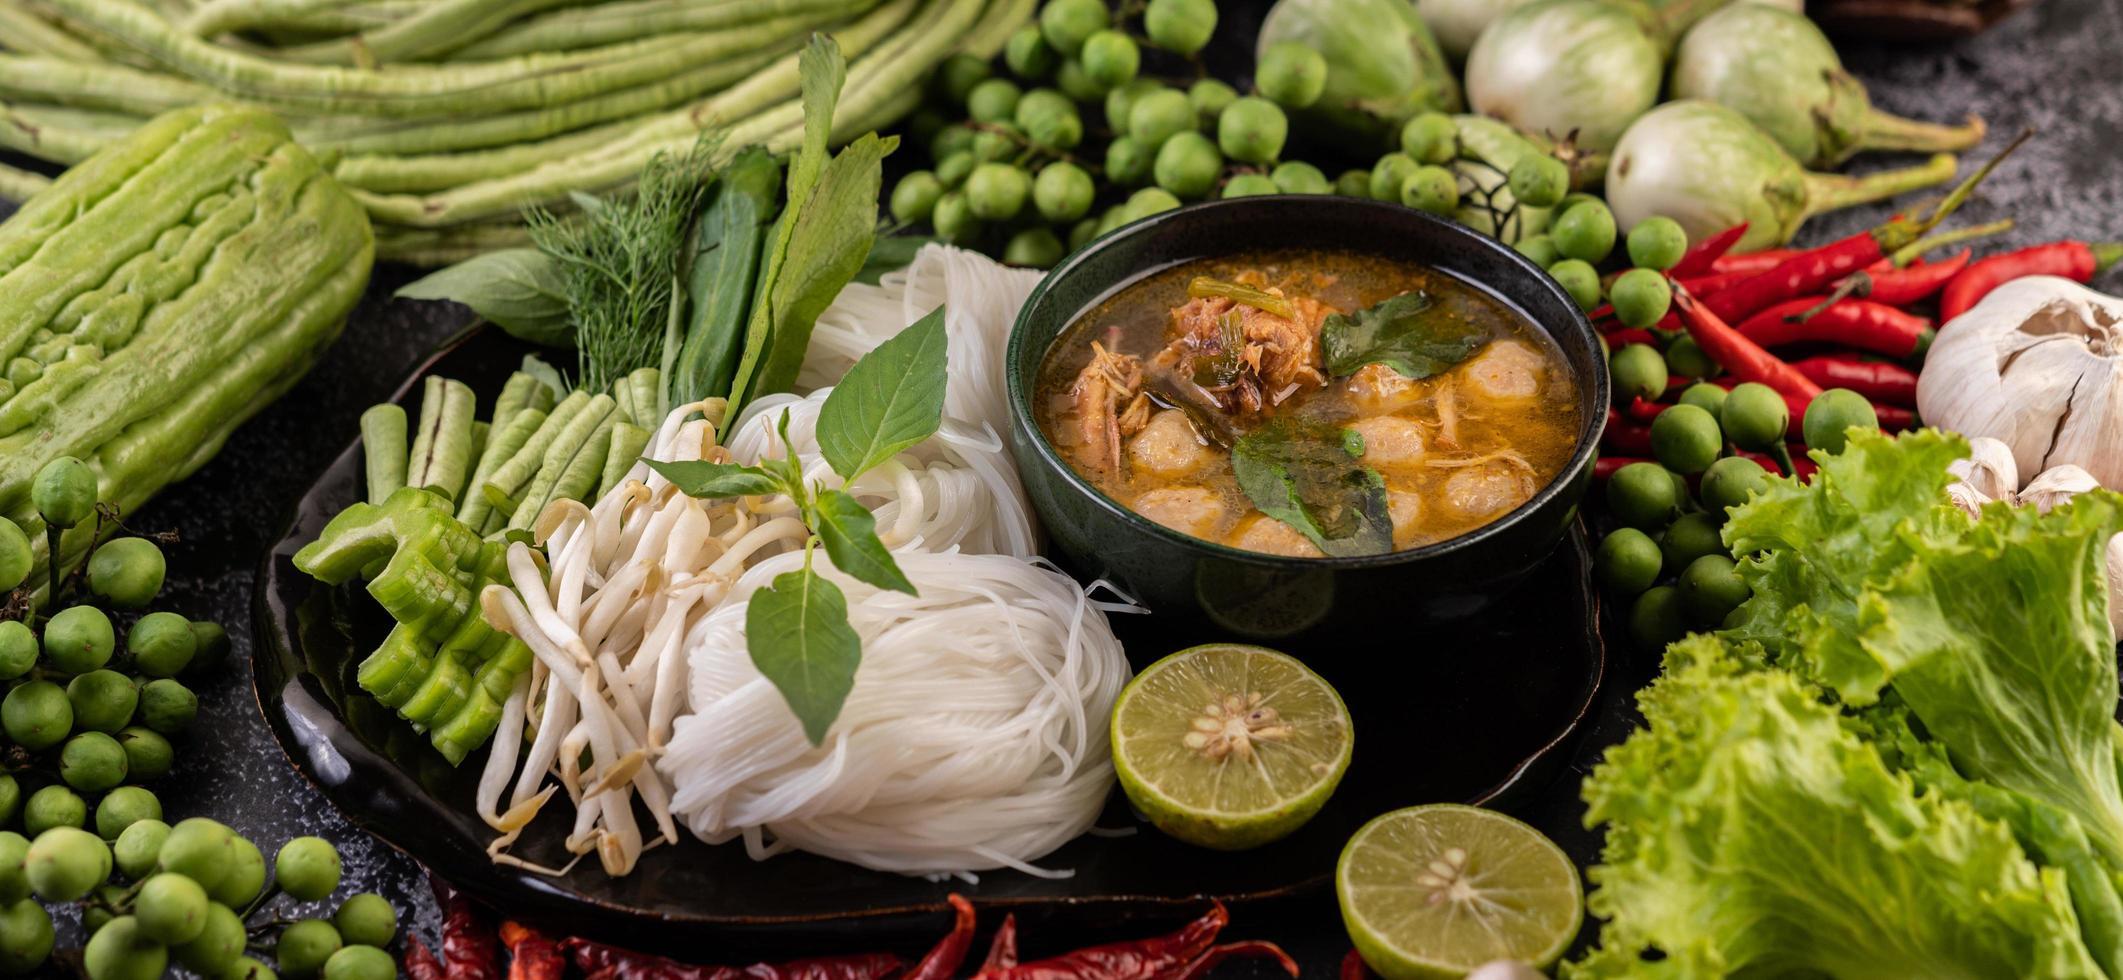 fideos de arroz con chiles, melón, lentejas y limón foto